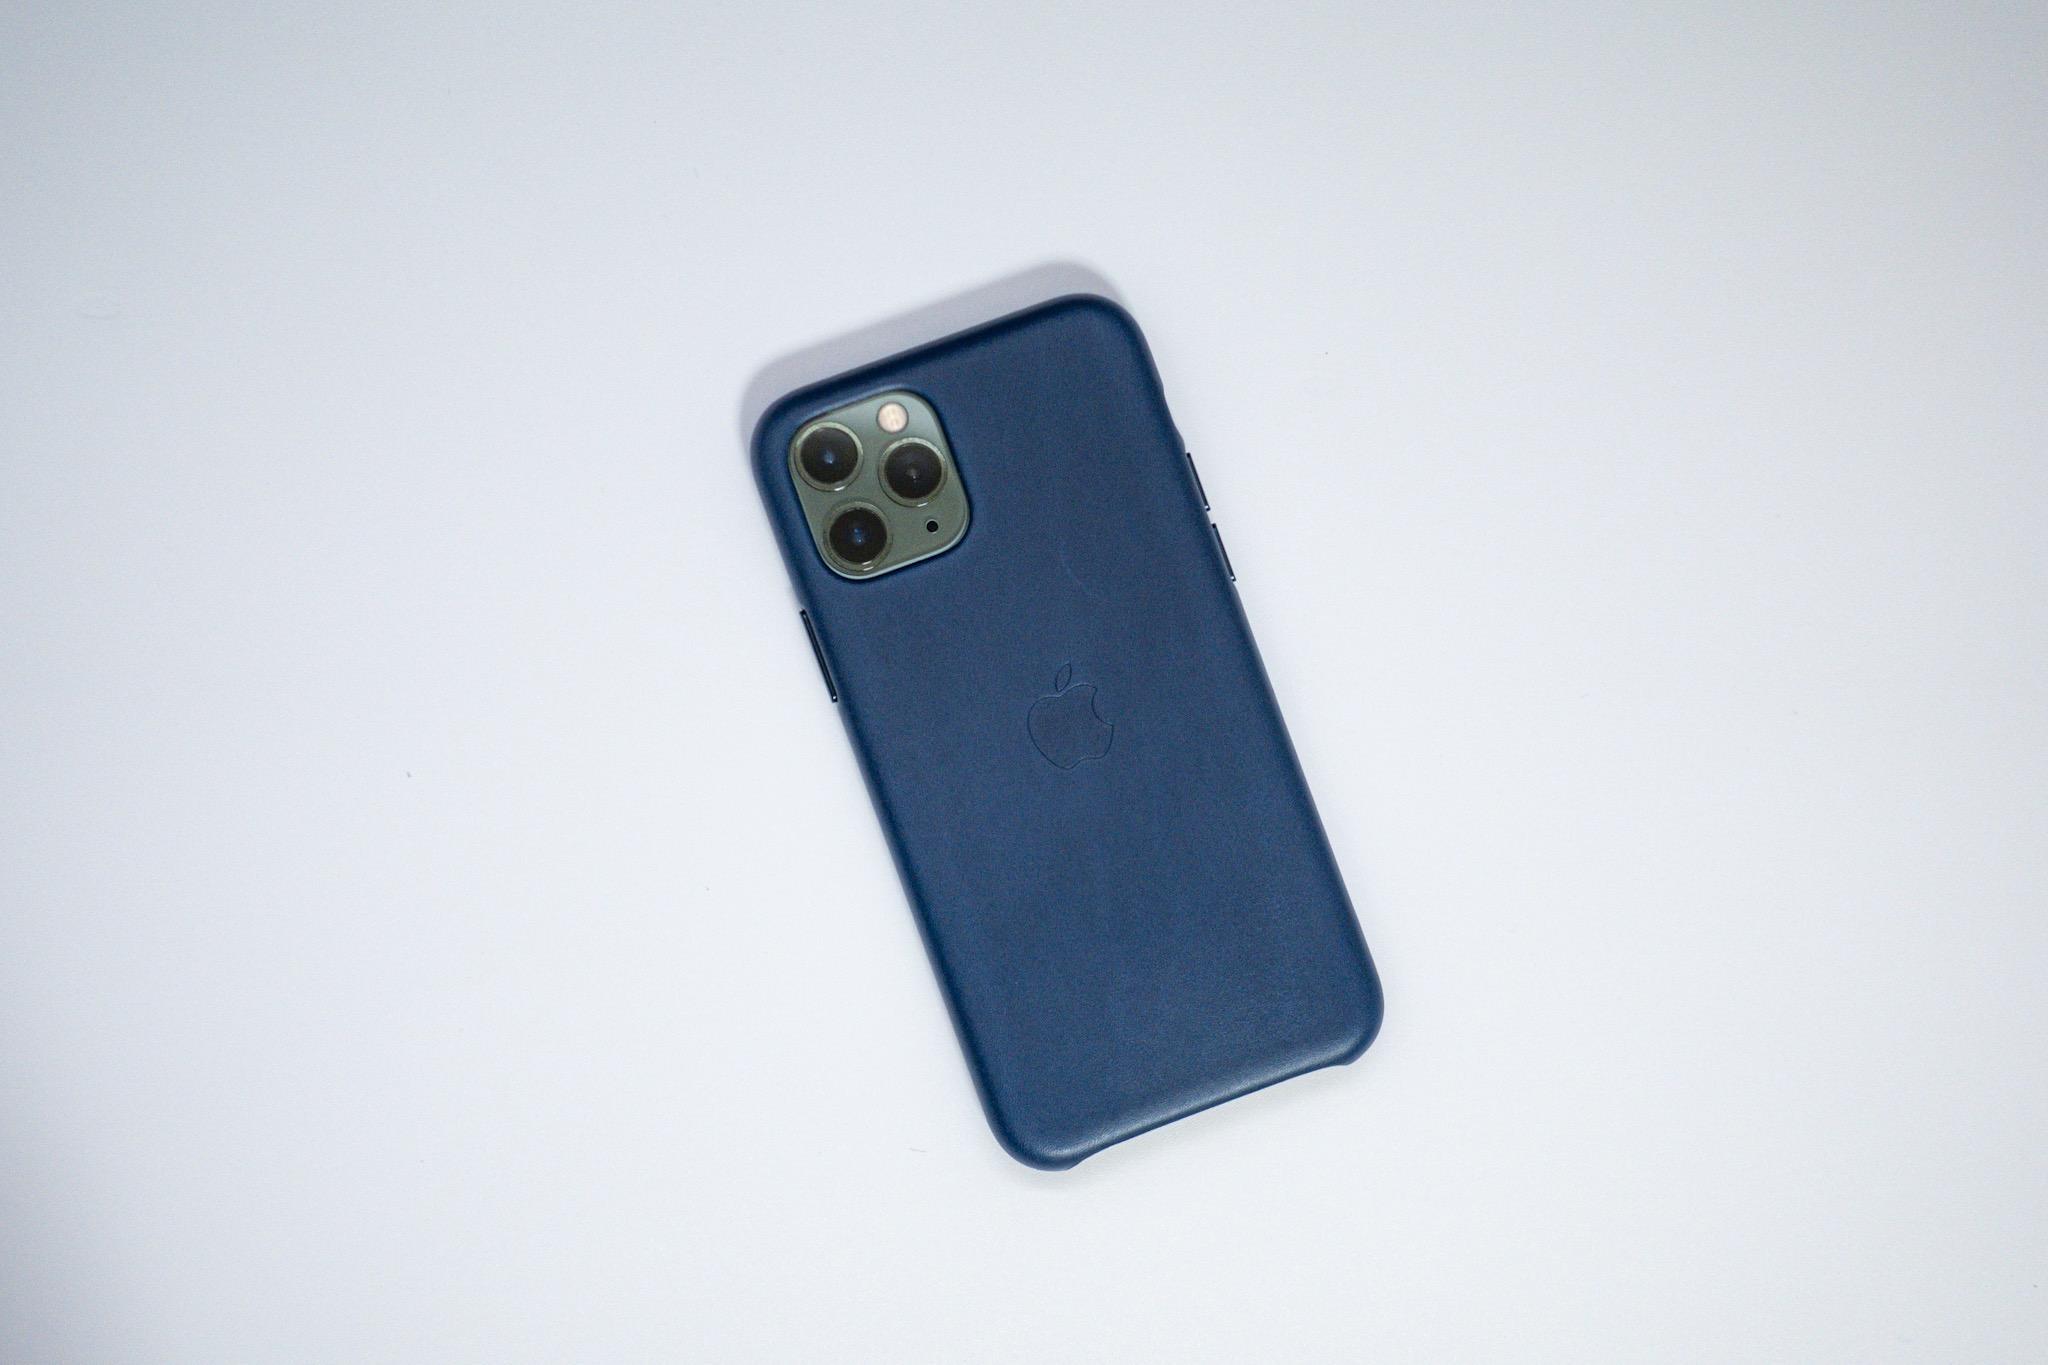 長時間触れるスマホケースは変化を楽しめる本革製がおすすめ。iPhone用のApple純正レザーケースを新調しました。